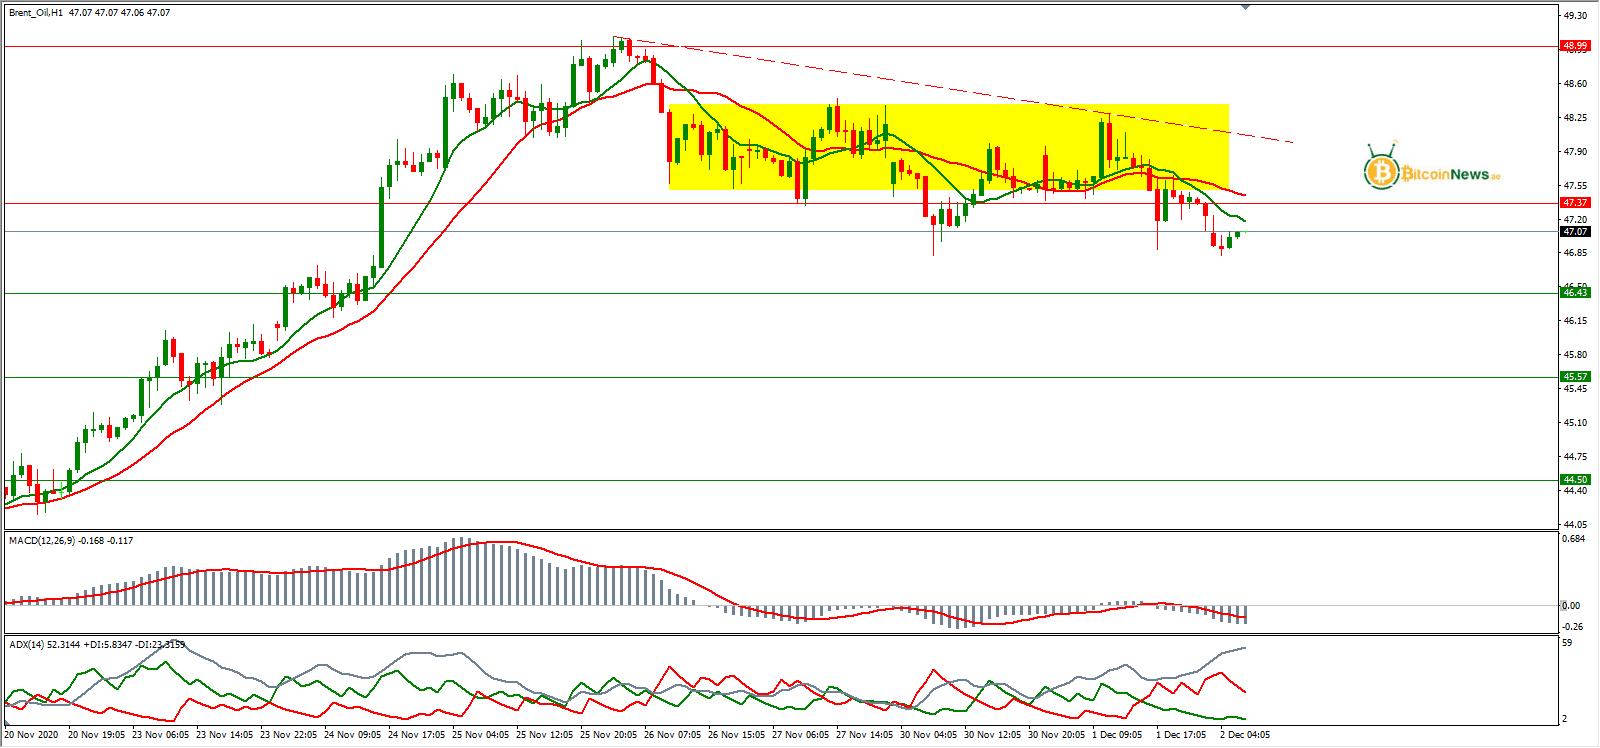 توقعات سعر النفط اليوم 02 ديسمبر | تحليل النفط الخام برنت ...